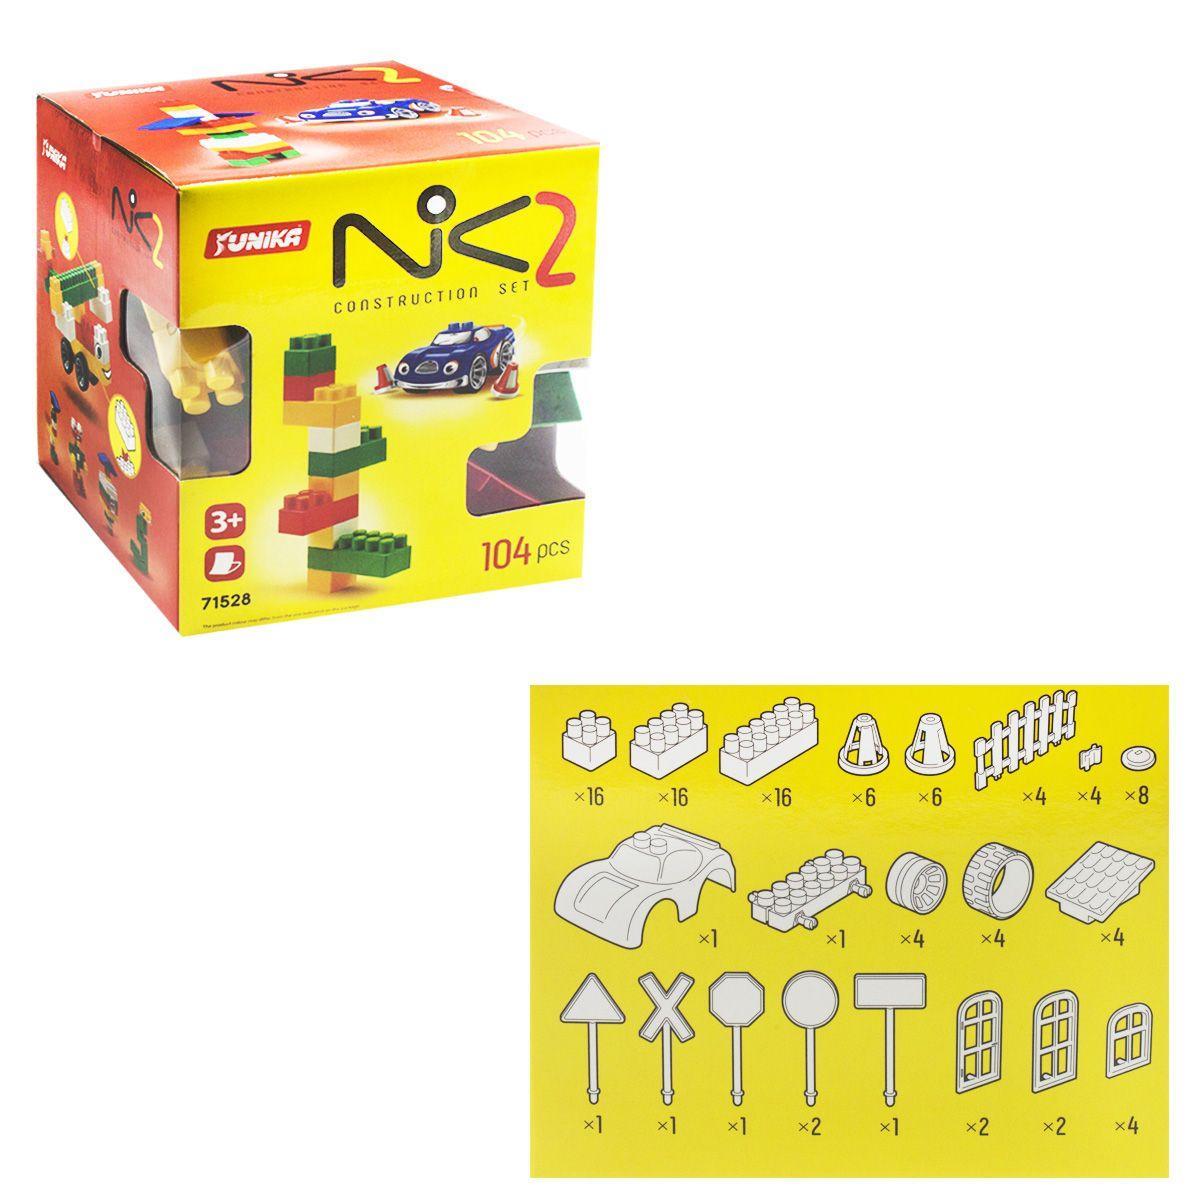 """Пластиковый конструктор """"NIK-2"""", 104 детали 1528"""